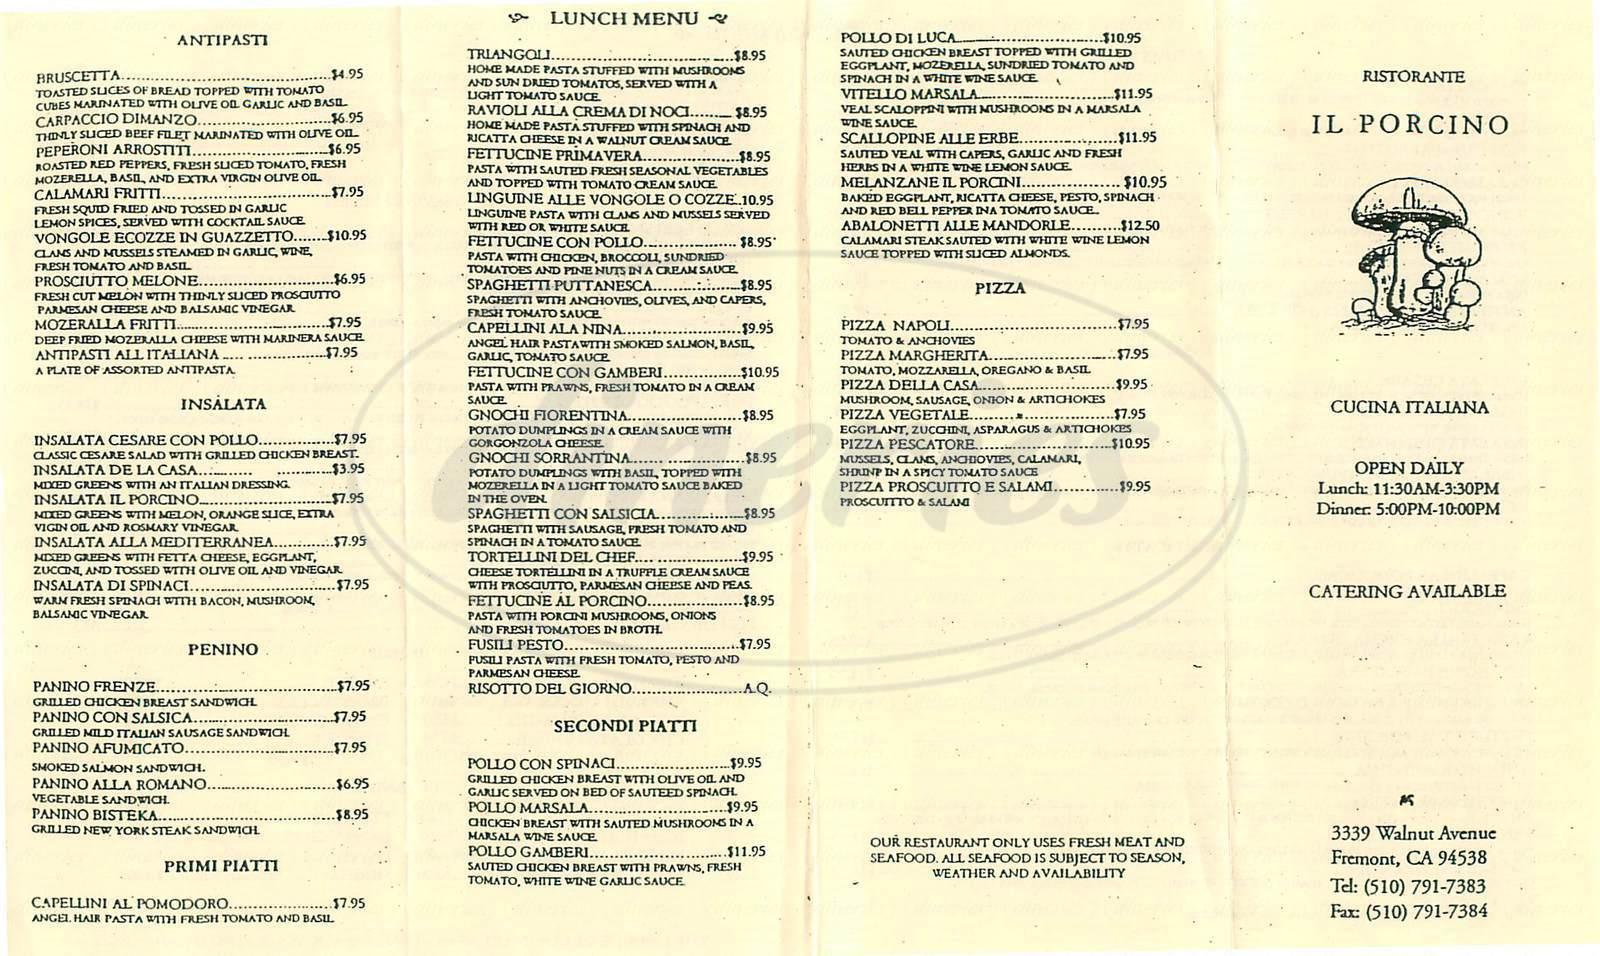 menu for Ristorante Il Porcino